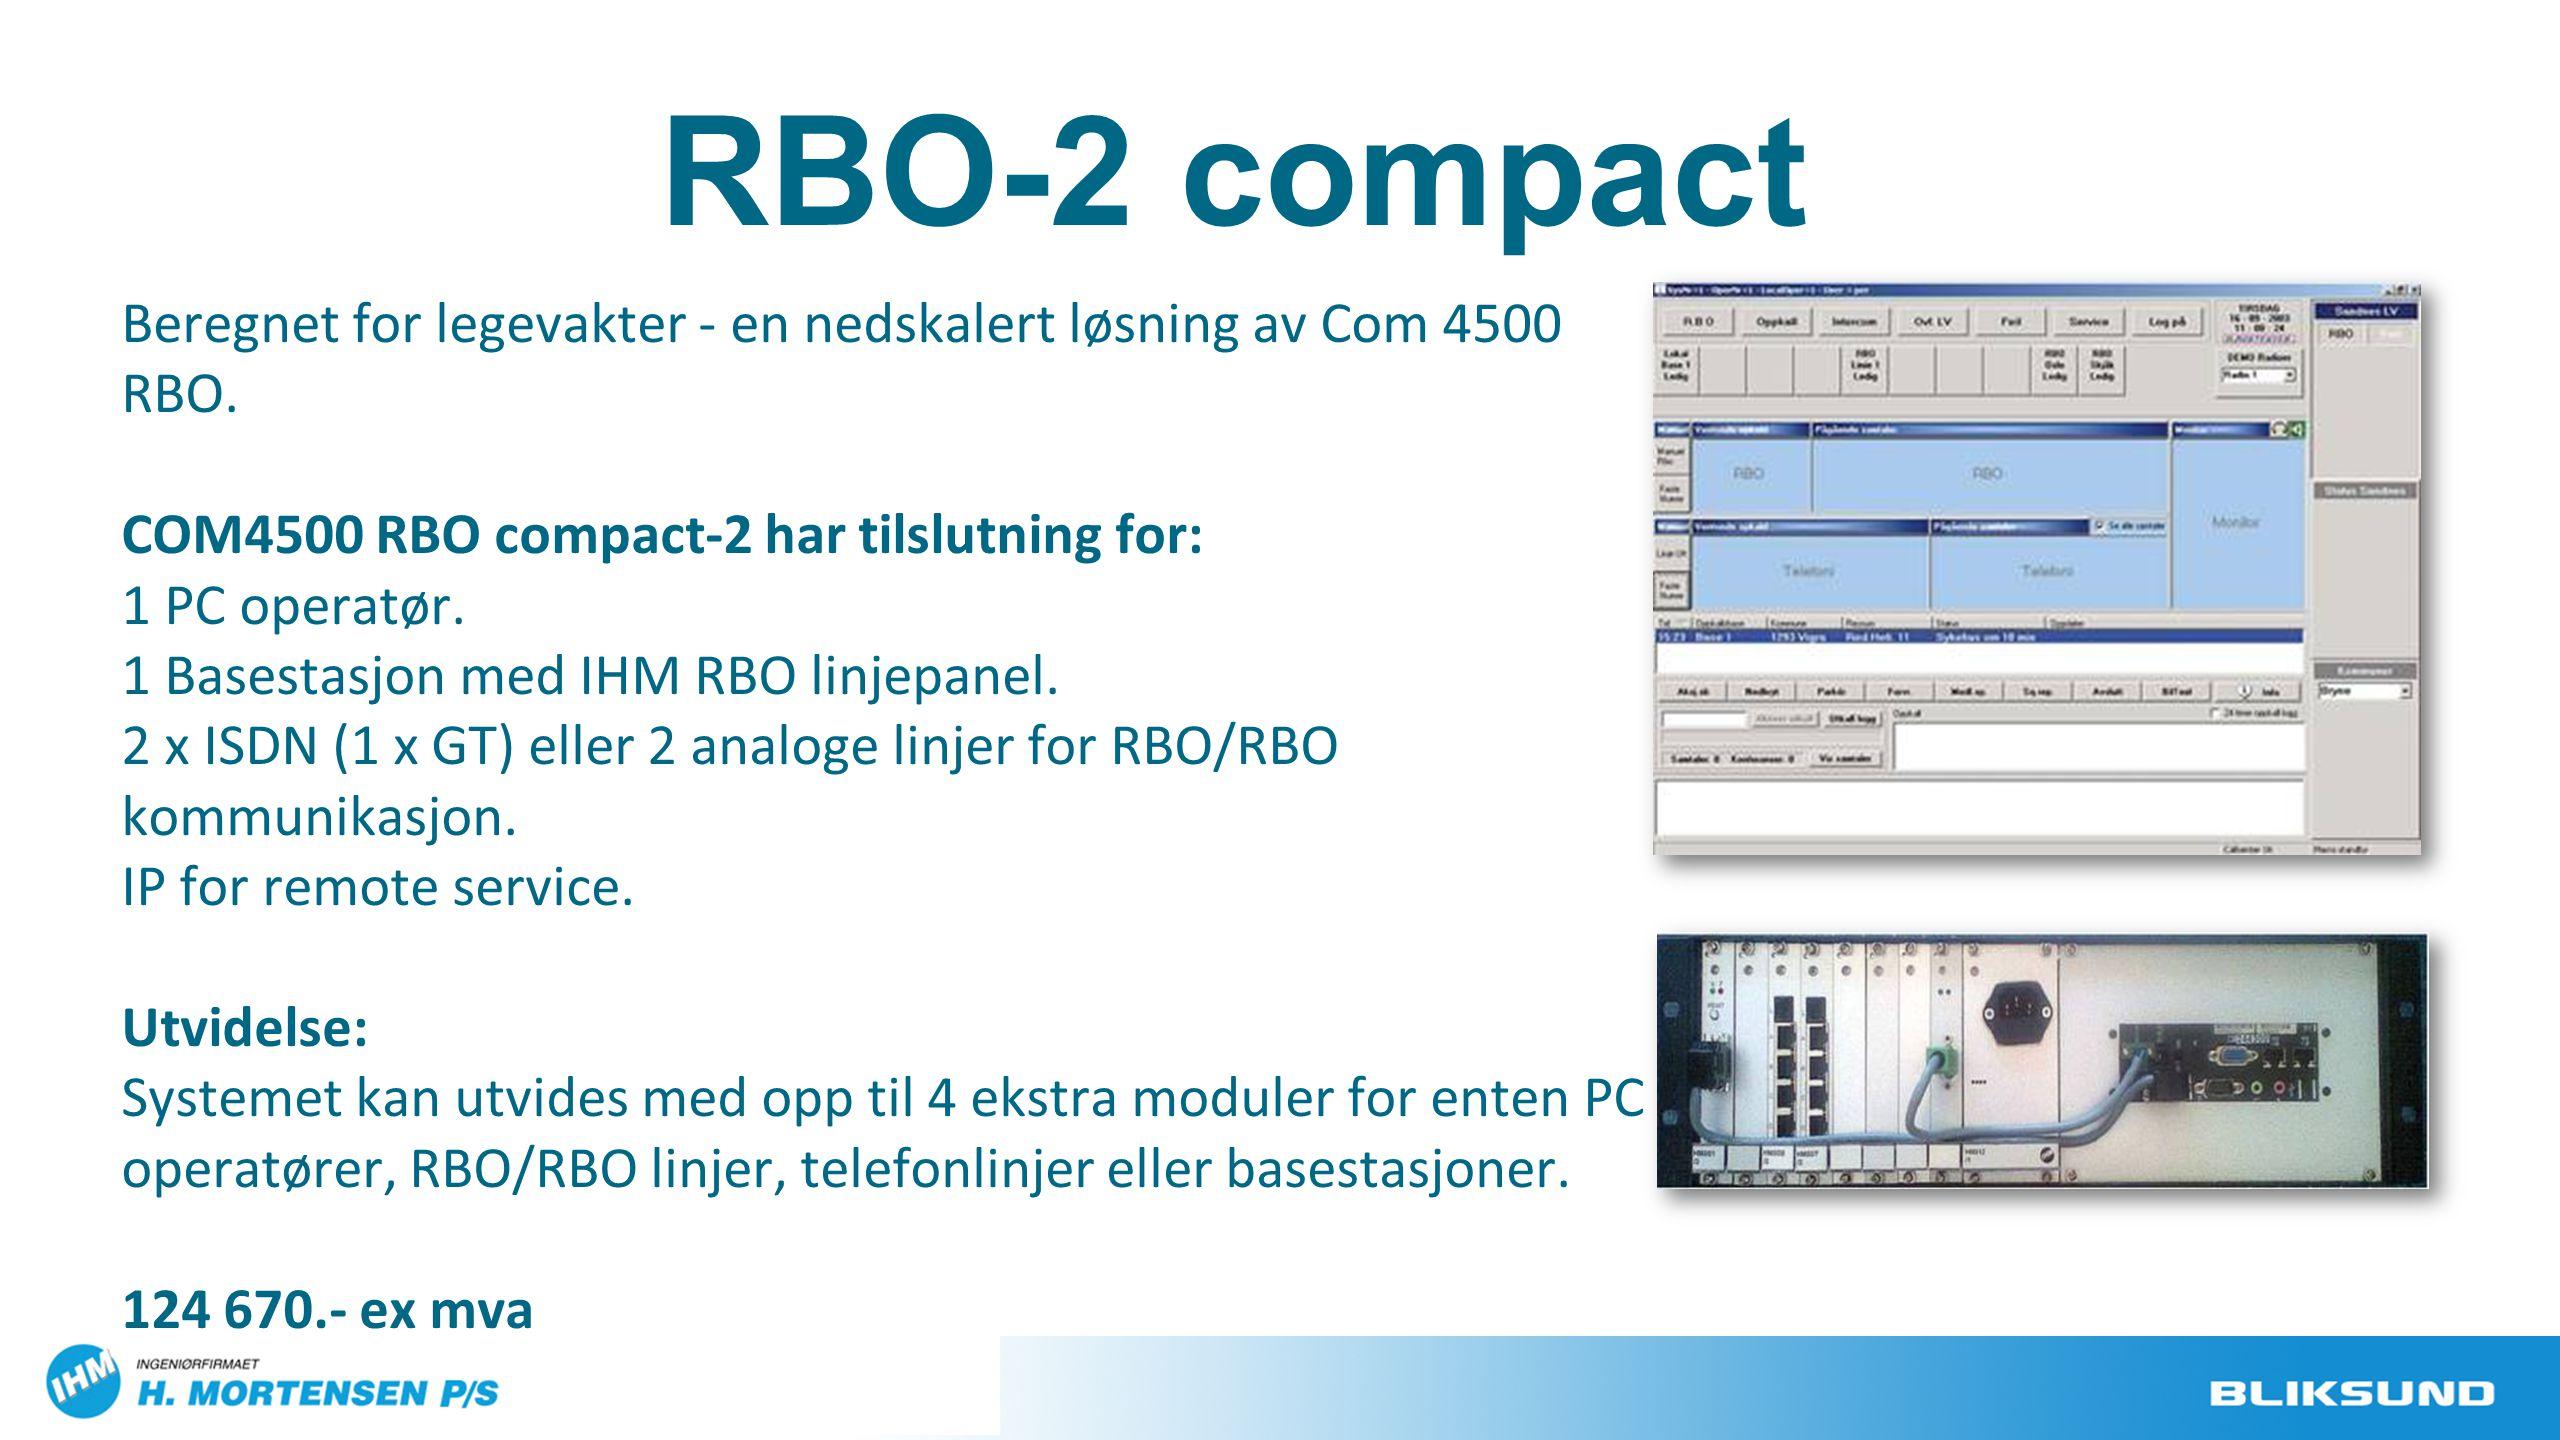 Beregnet for legevakter - en nedskalert løsning av Com 4500 RBO. COM4500 RBO compact-2 har tilslutning for: 1 PC operatør. 1 Basestasjon med IHM RBO l